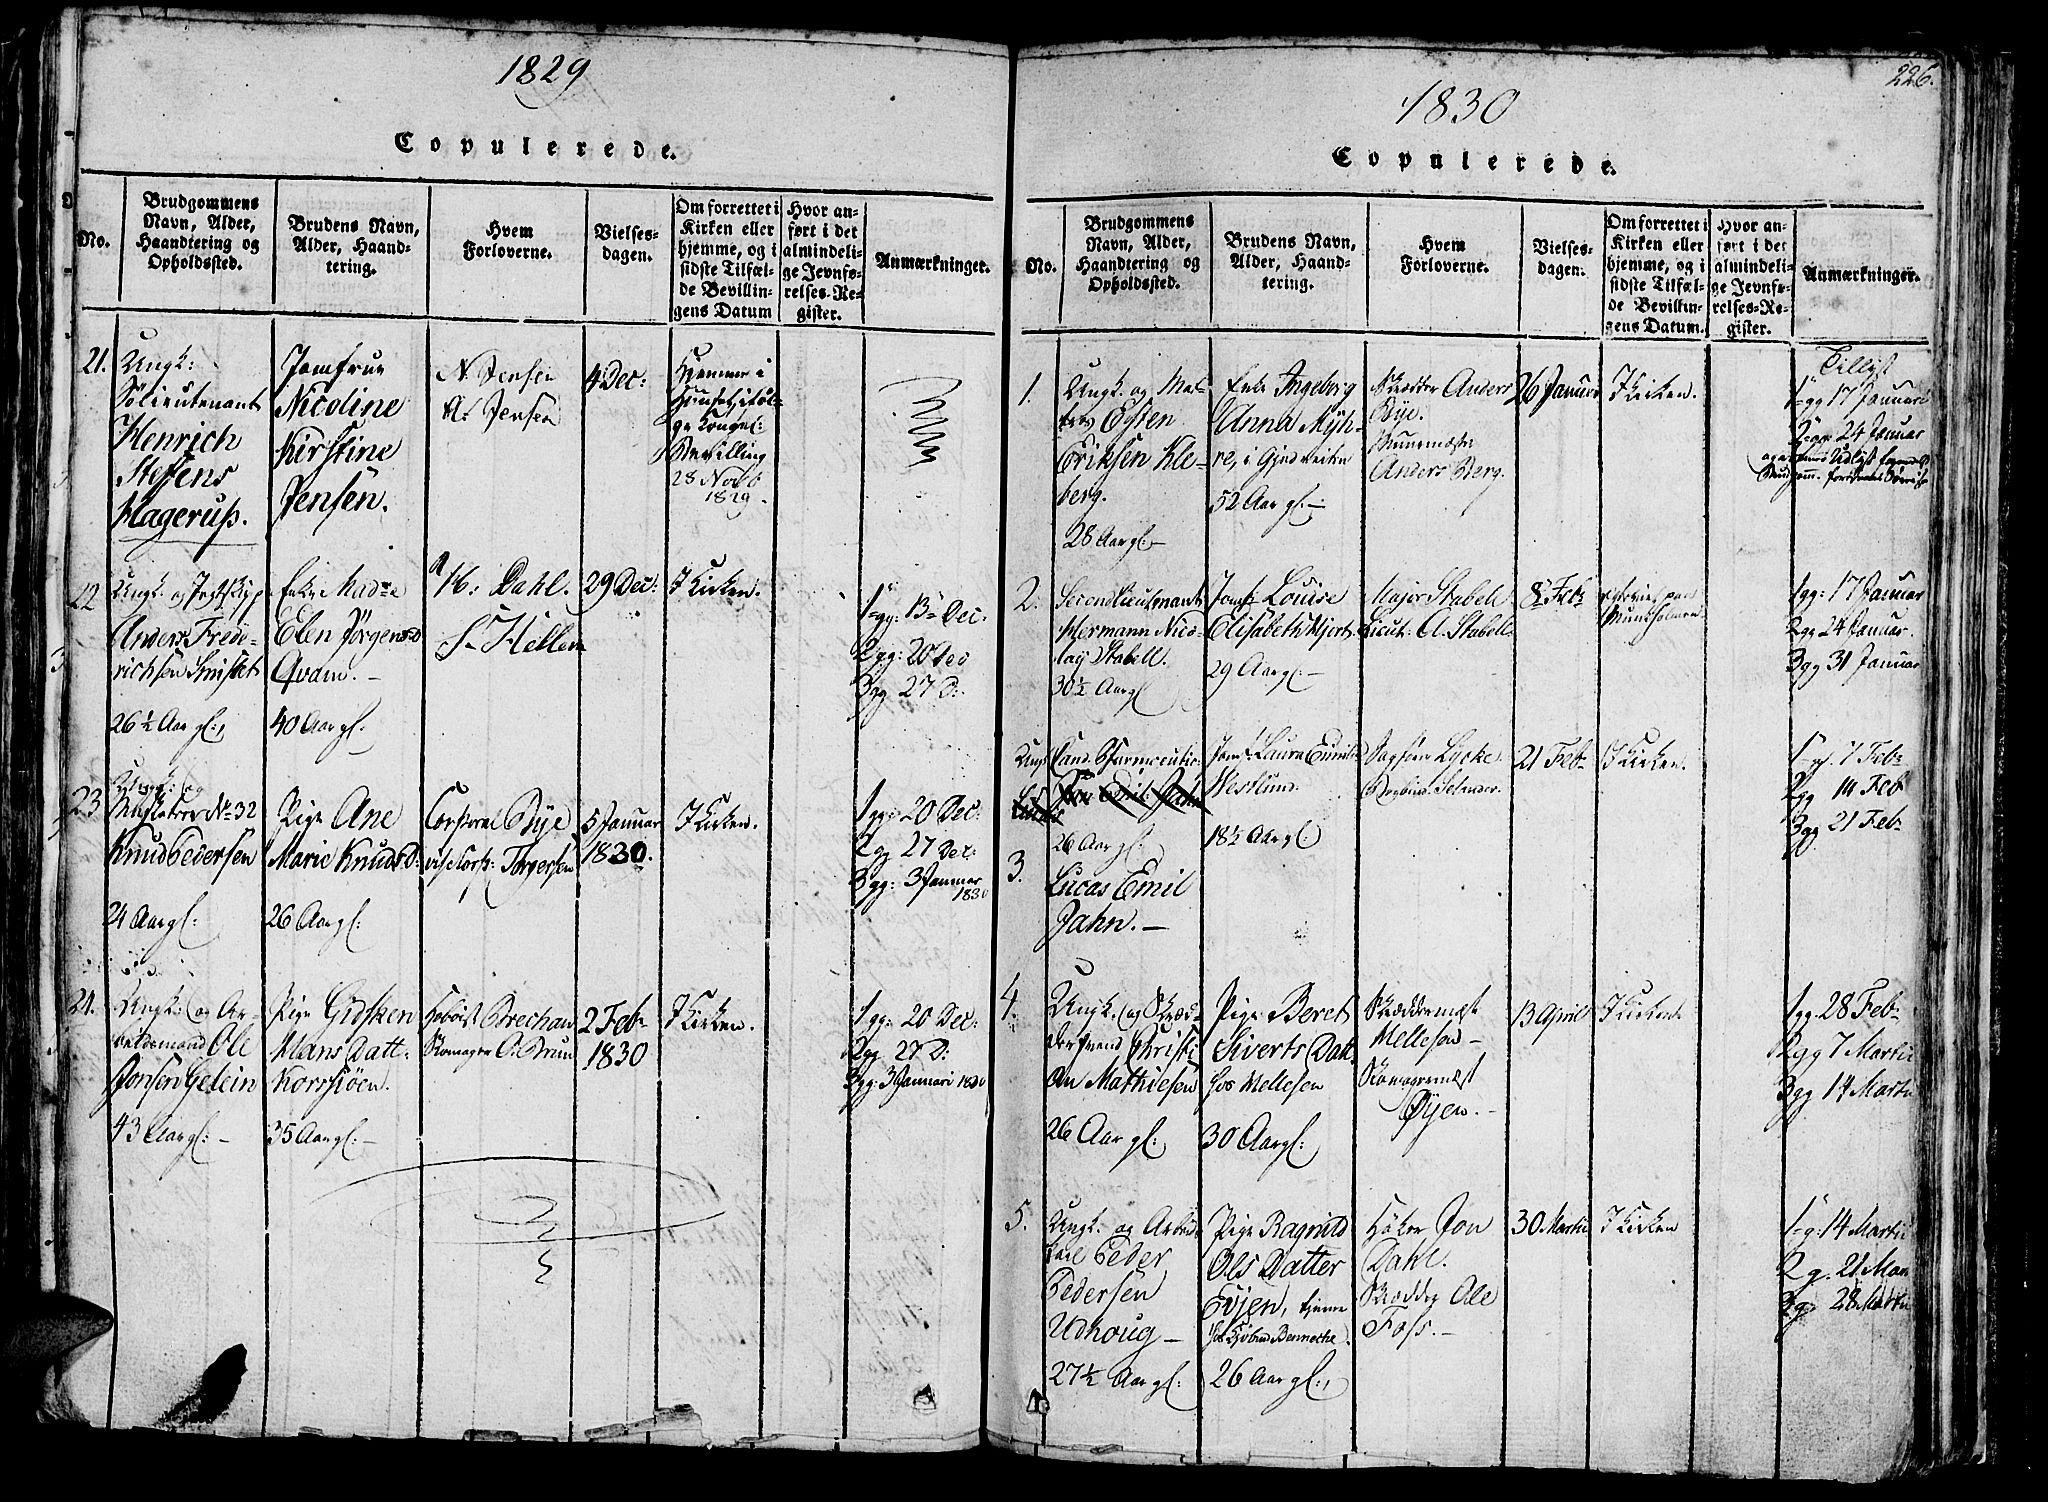 SAT, Ministerialprotokoller, klokkerbøker og fødselsregistre - Sør-Trøndelag, 602/L0135: Klokkerbok nr. 602C03, 1815-1832, s. 226